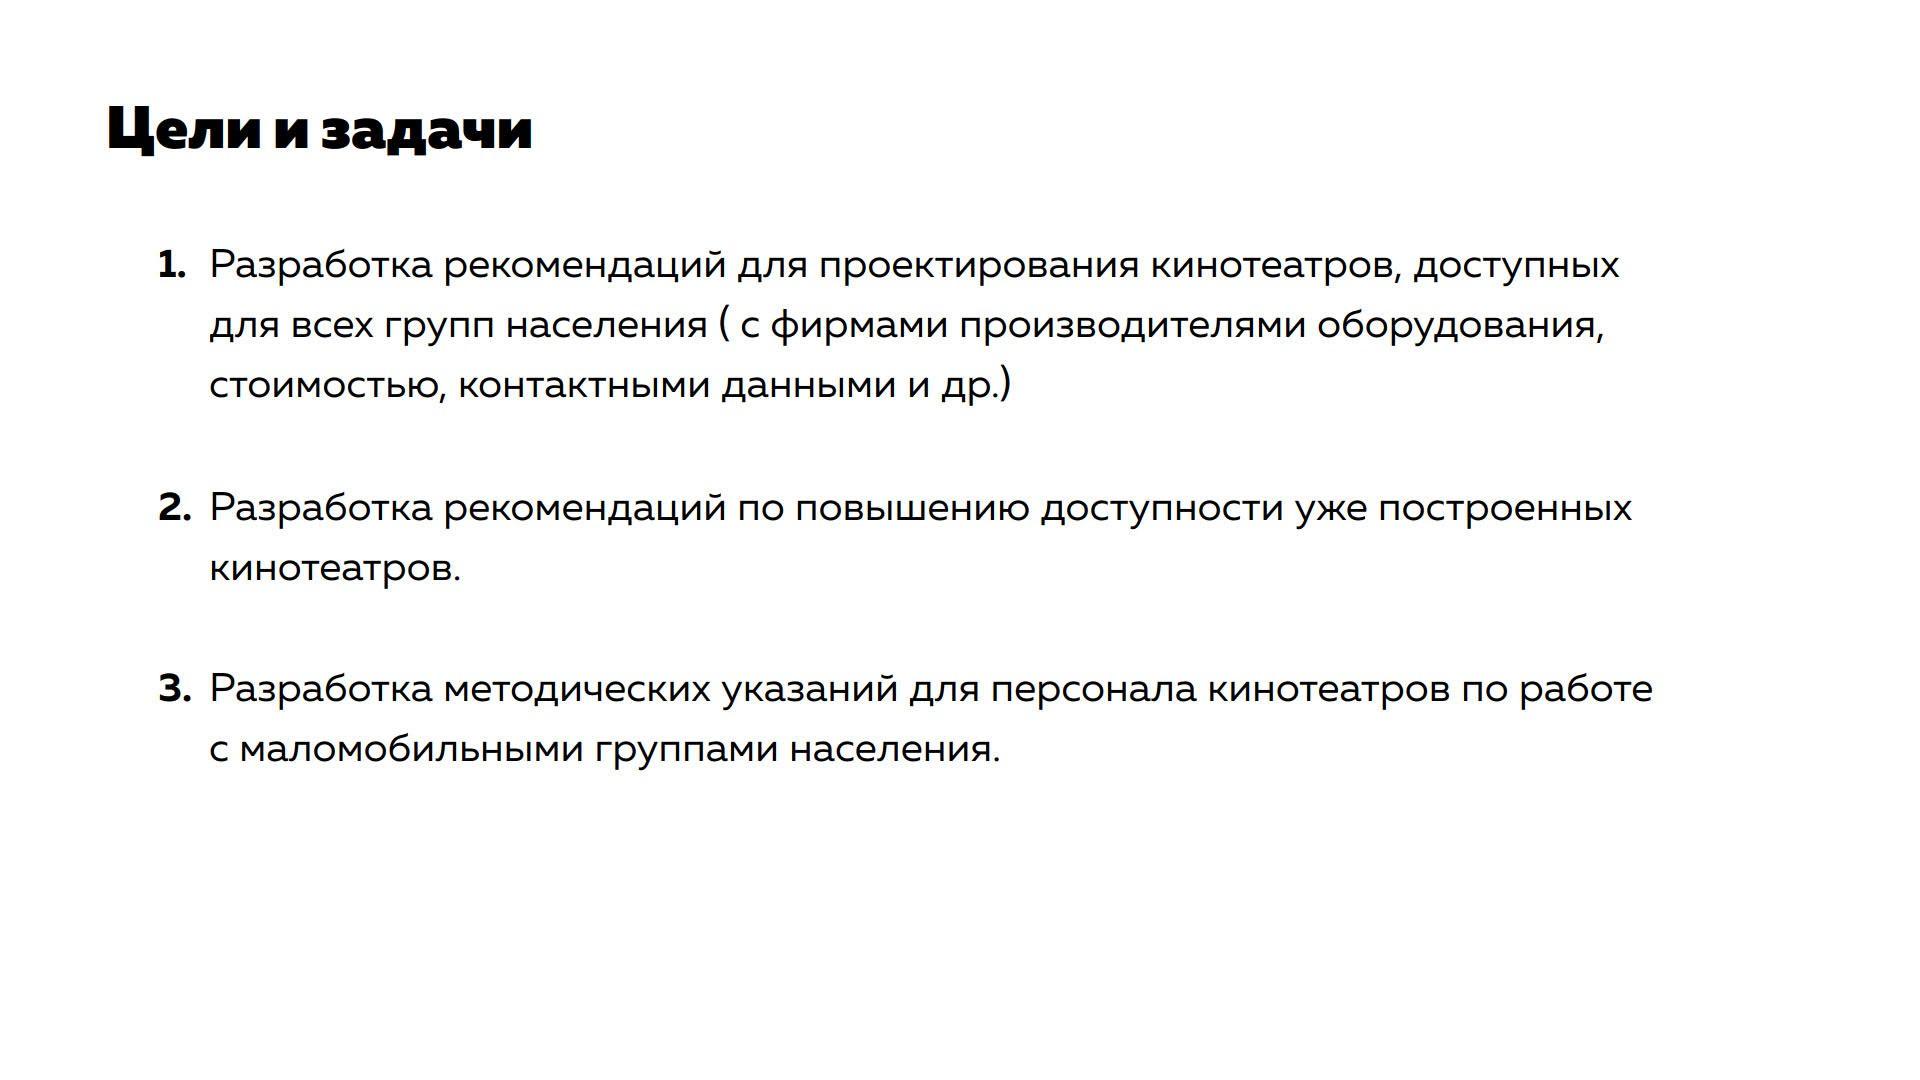 РГ Доступная среда_Доступный кинотеатр_конференция АВК_КИНОЭКСПО 2019_compress_08